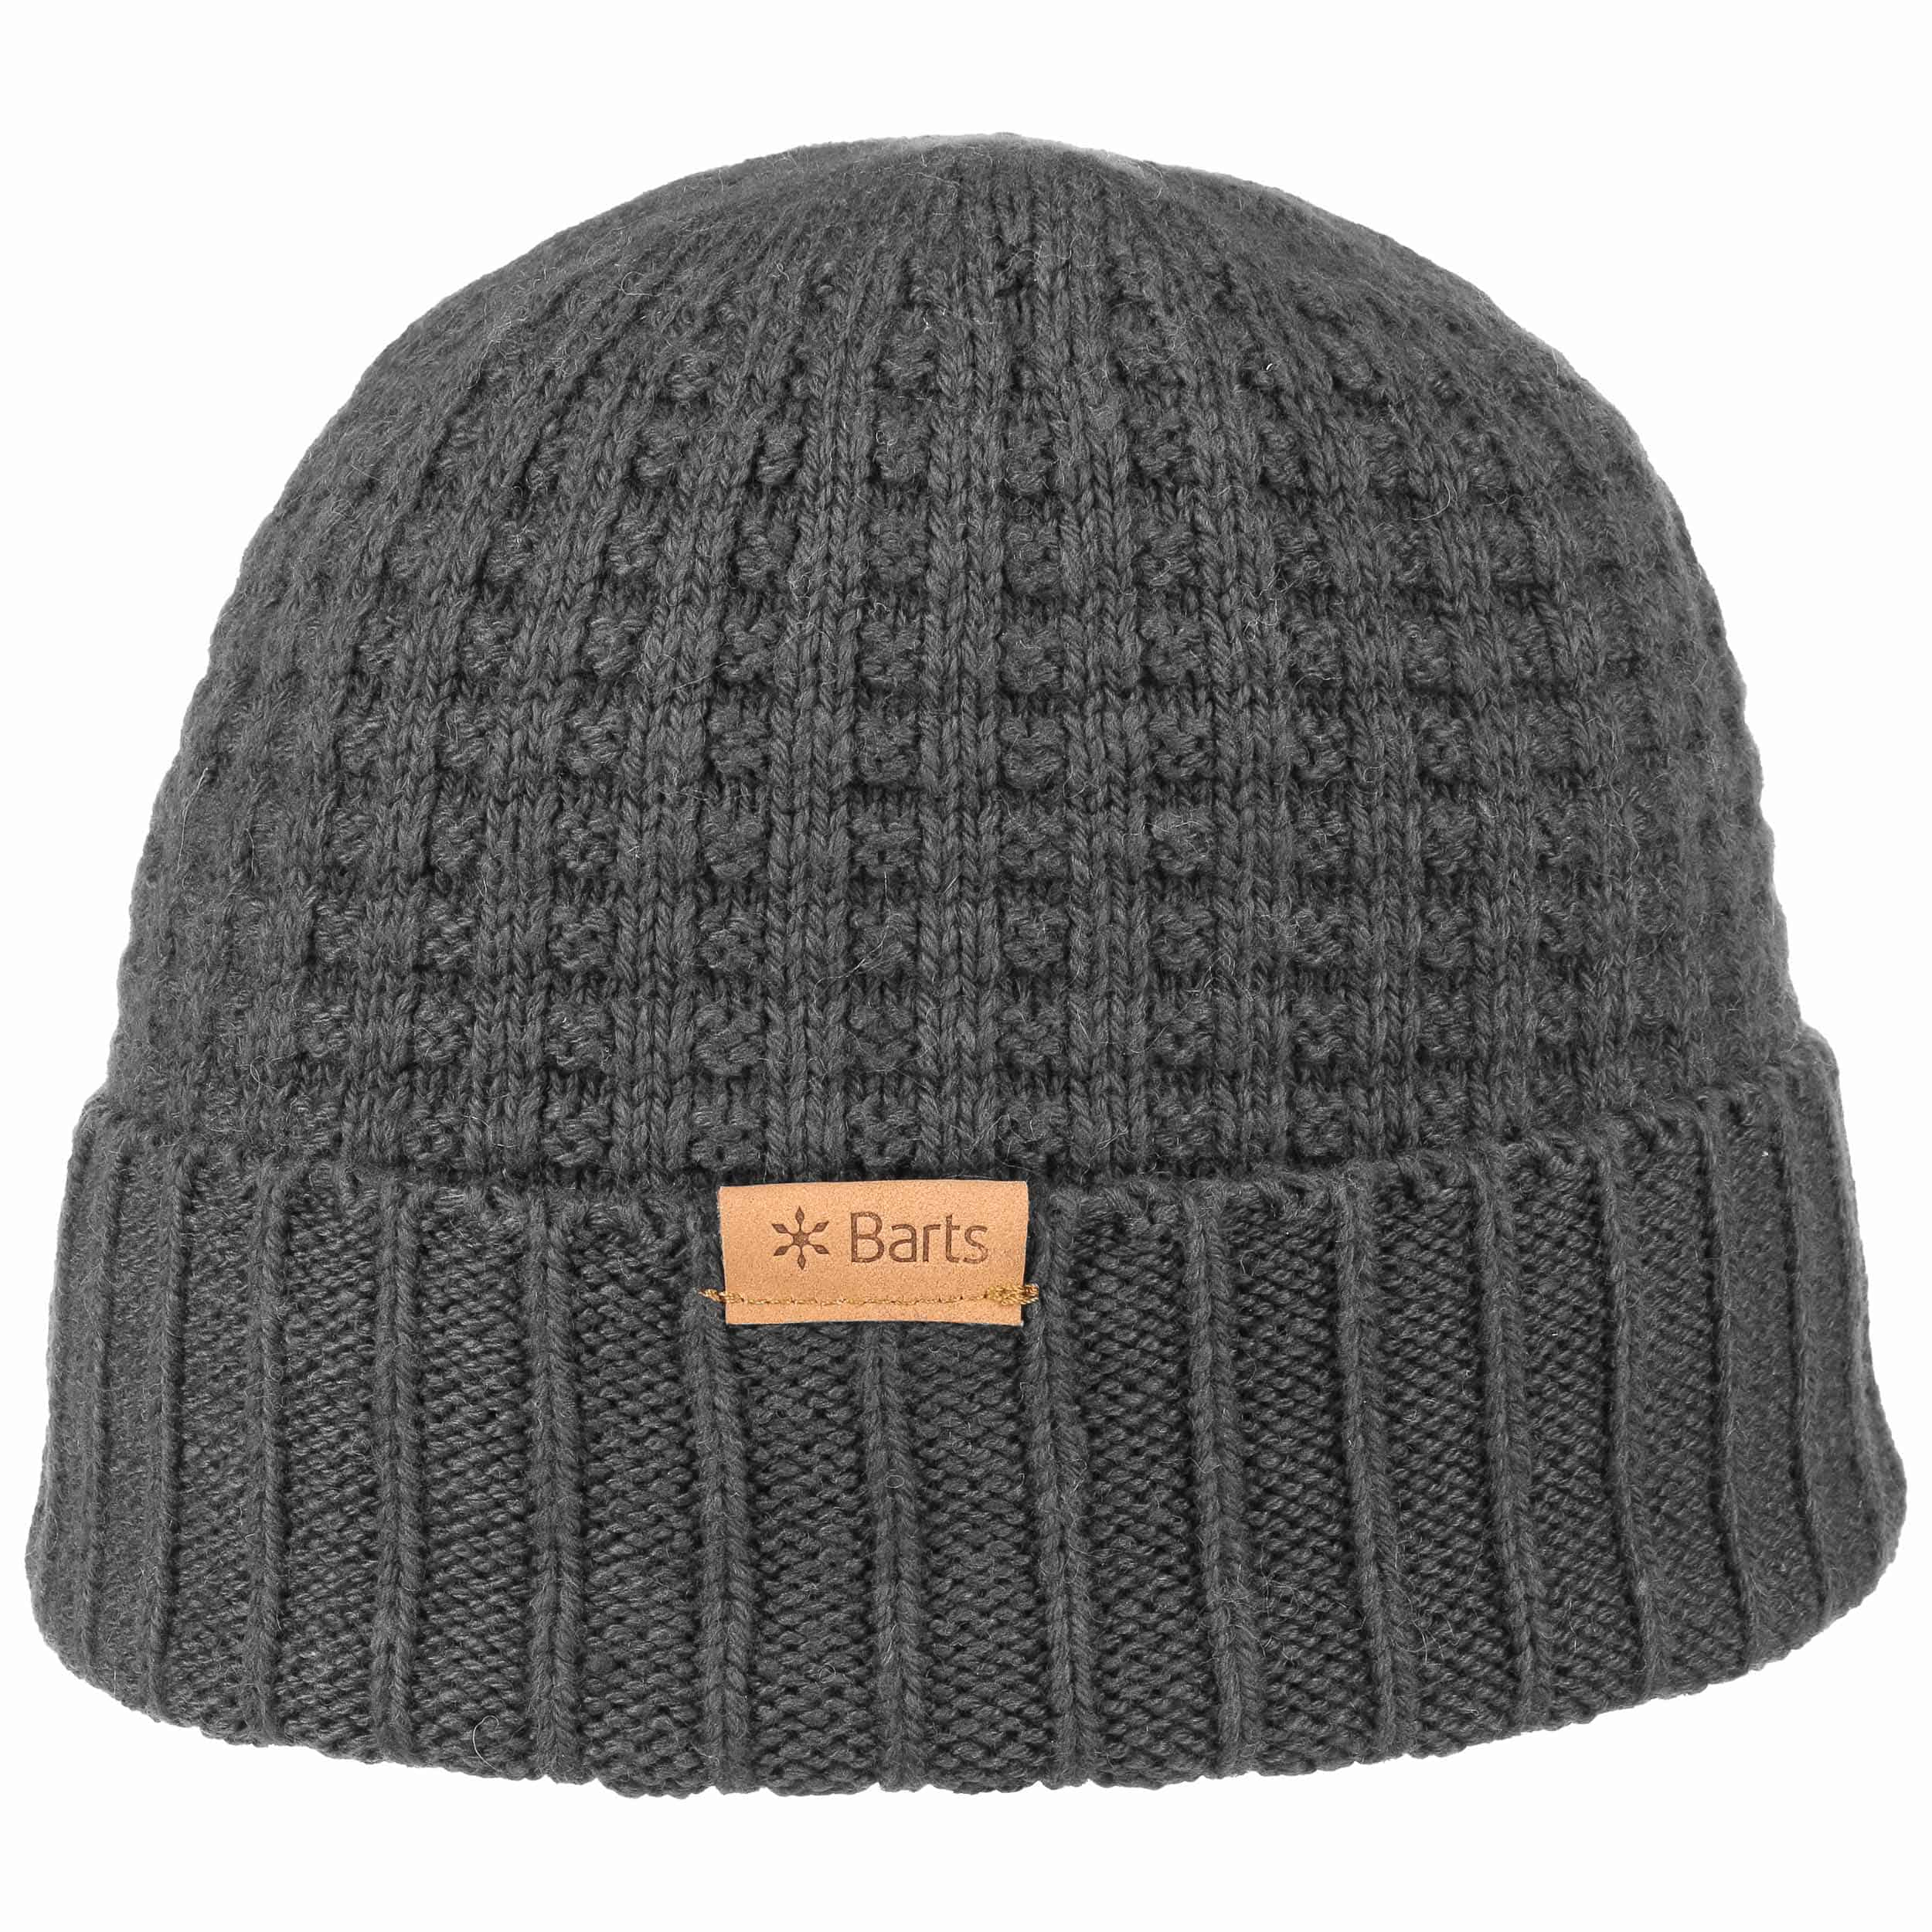 rabais de premier ordre promotion spéciale codes promo Hudson Oversize Knit Hat by Barts